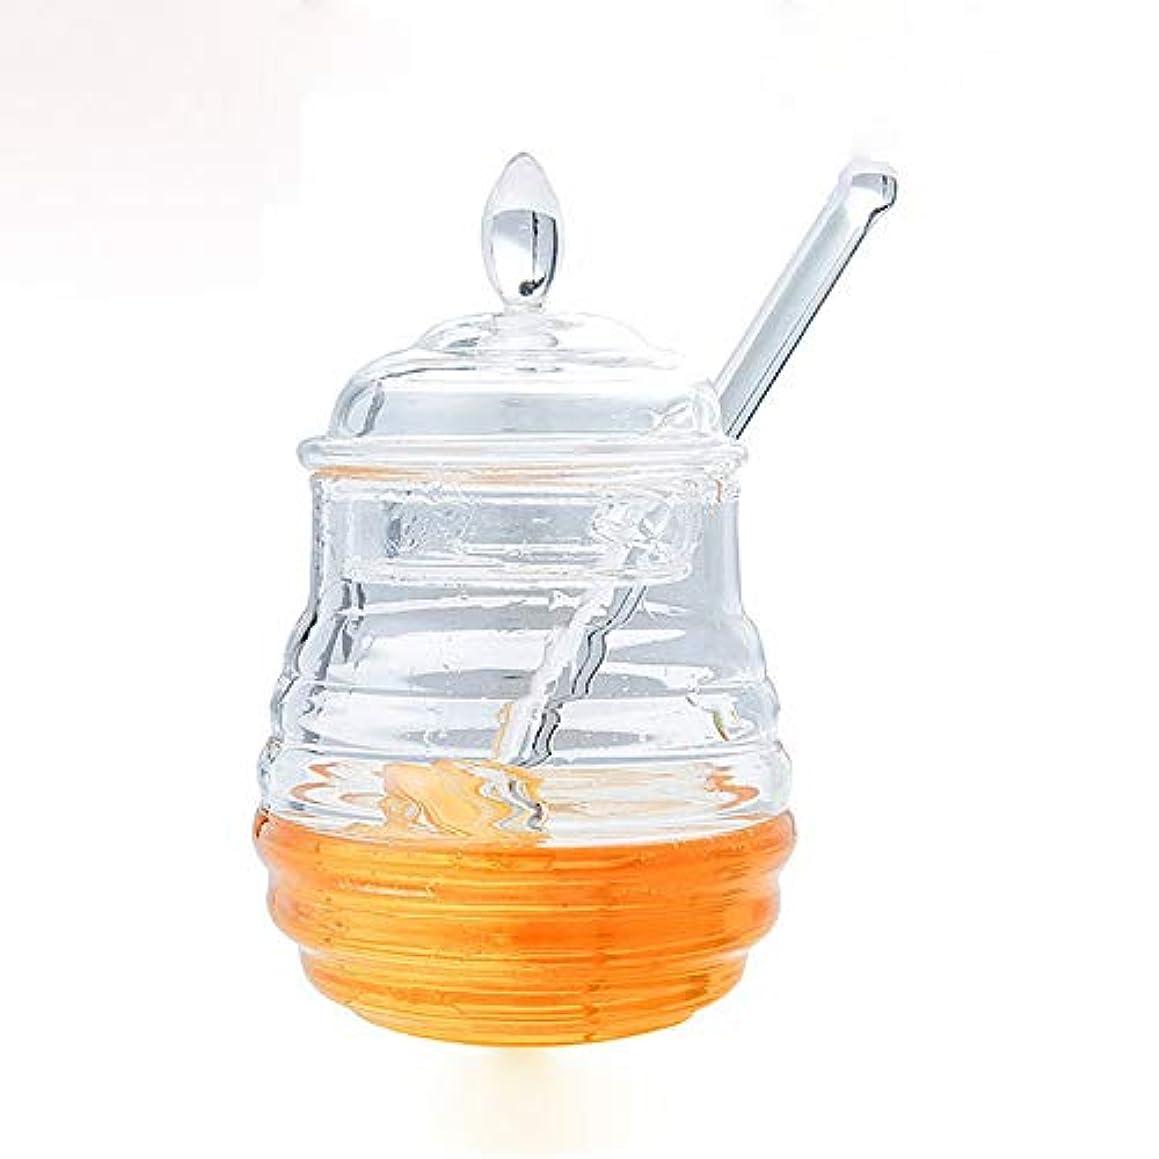 New 245Ml Transparent Food With Stirring Stick Honey Jar Honey Bottle Seasoning Juice Bottle